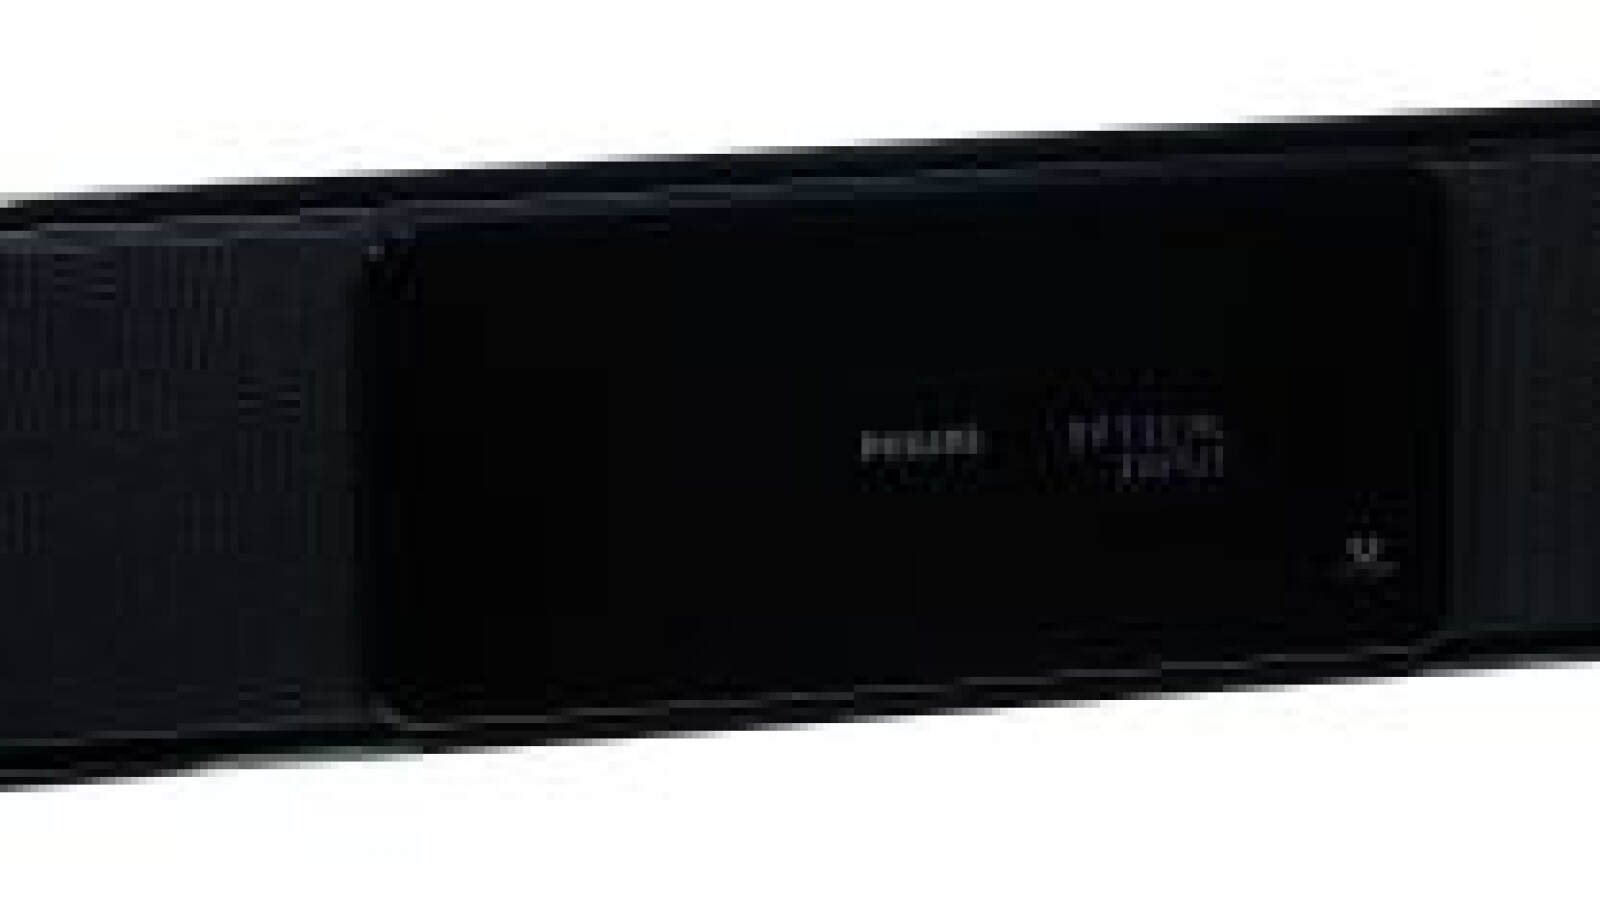 philips hts 6120 soundbar mit integriertem dvd player im. Black Bedroom Furniture Sets. Home Design Ideas